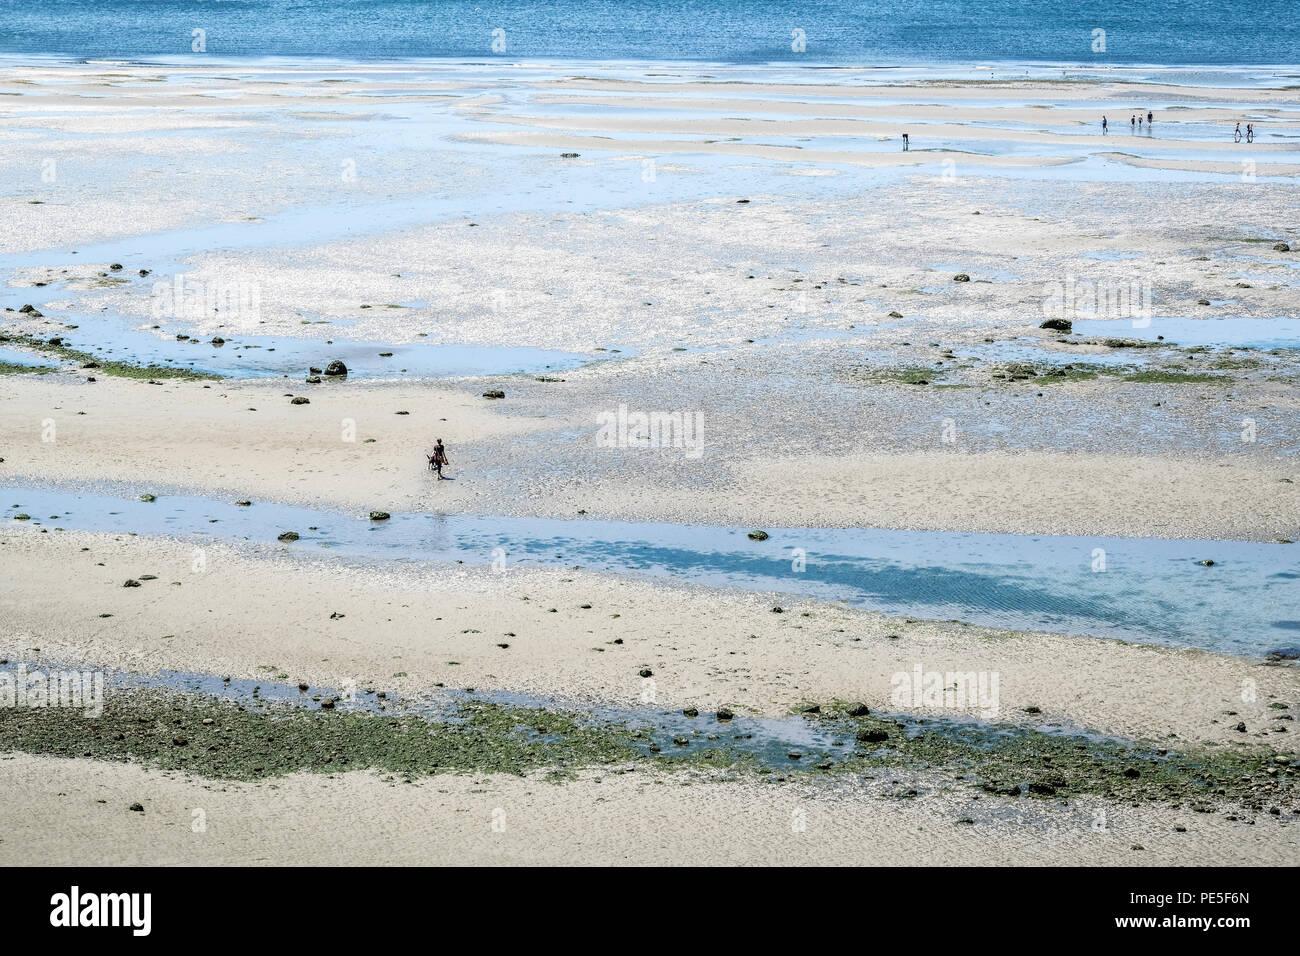 La Gente Caminando En La Playa Desnuda Durante Marea Baja Foto